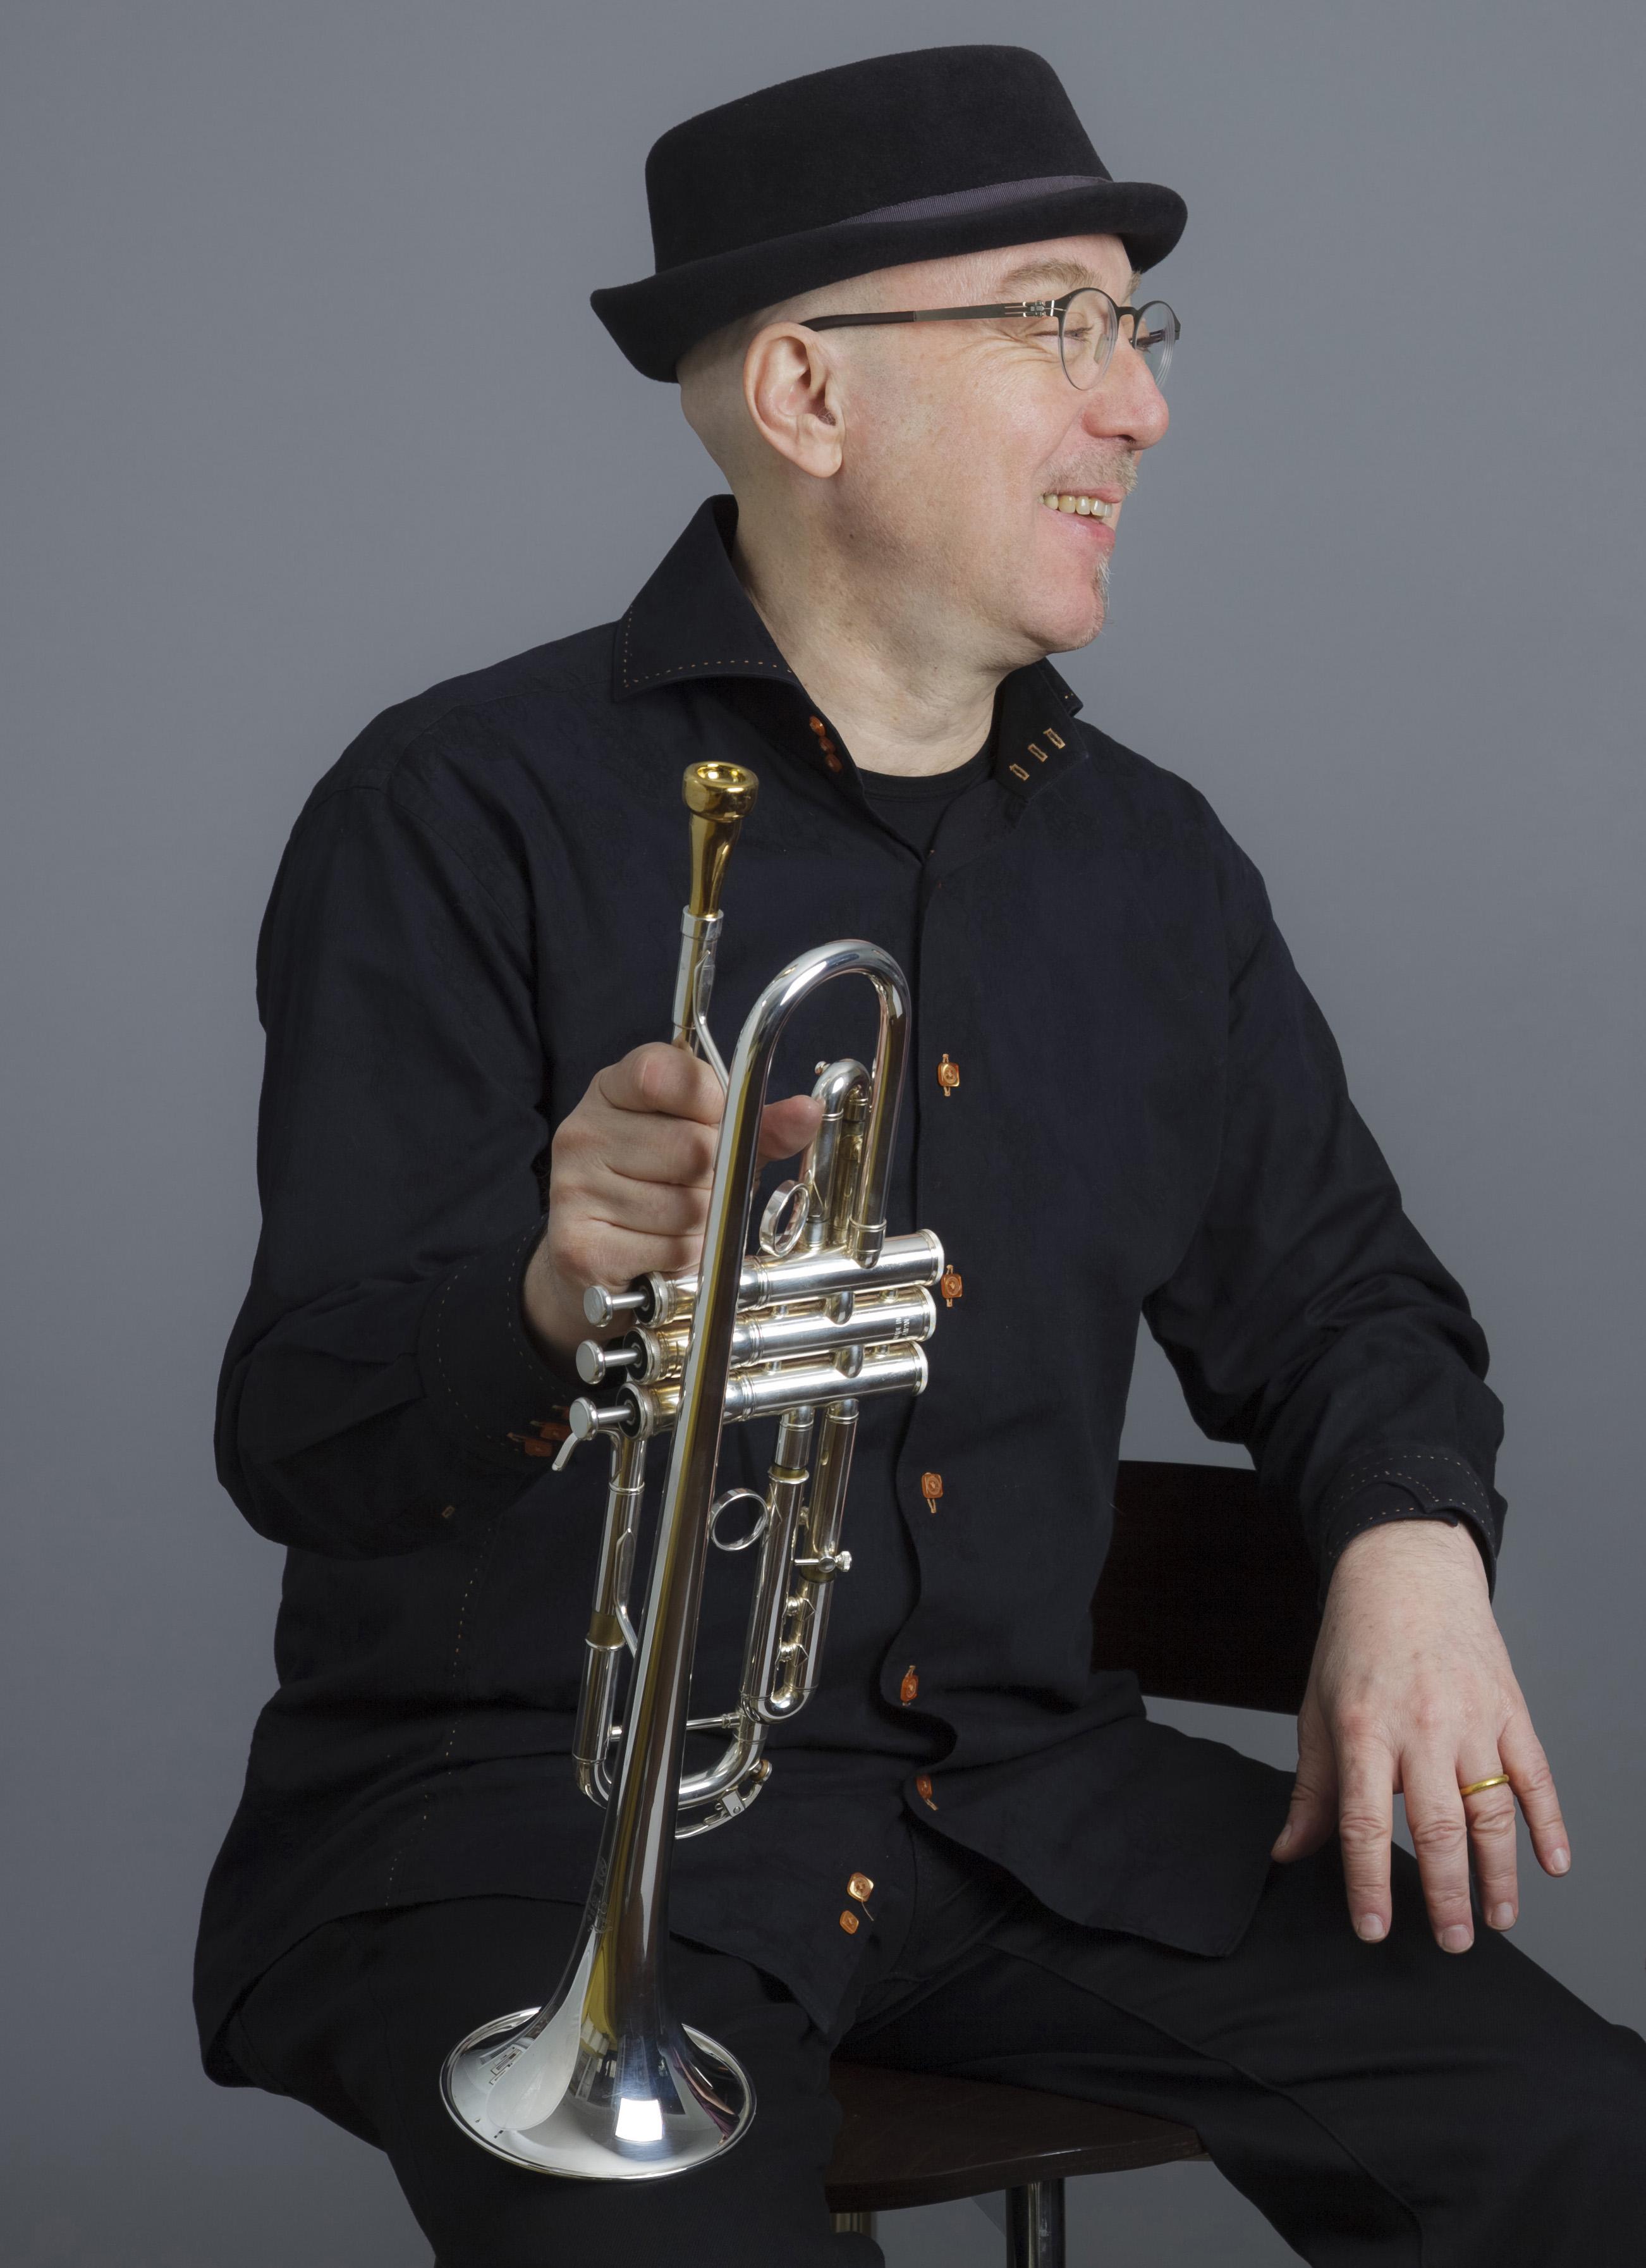 Guest Artists & Clinicians | Purdue University Purdue Bands & Orchestras